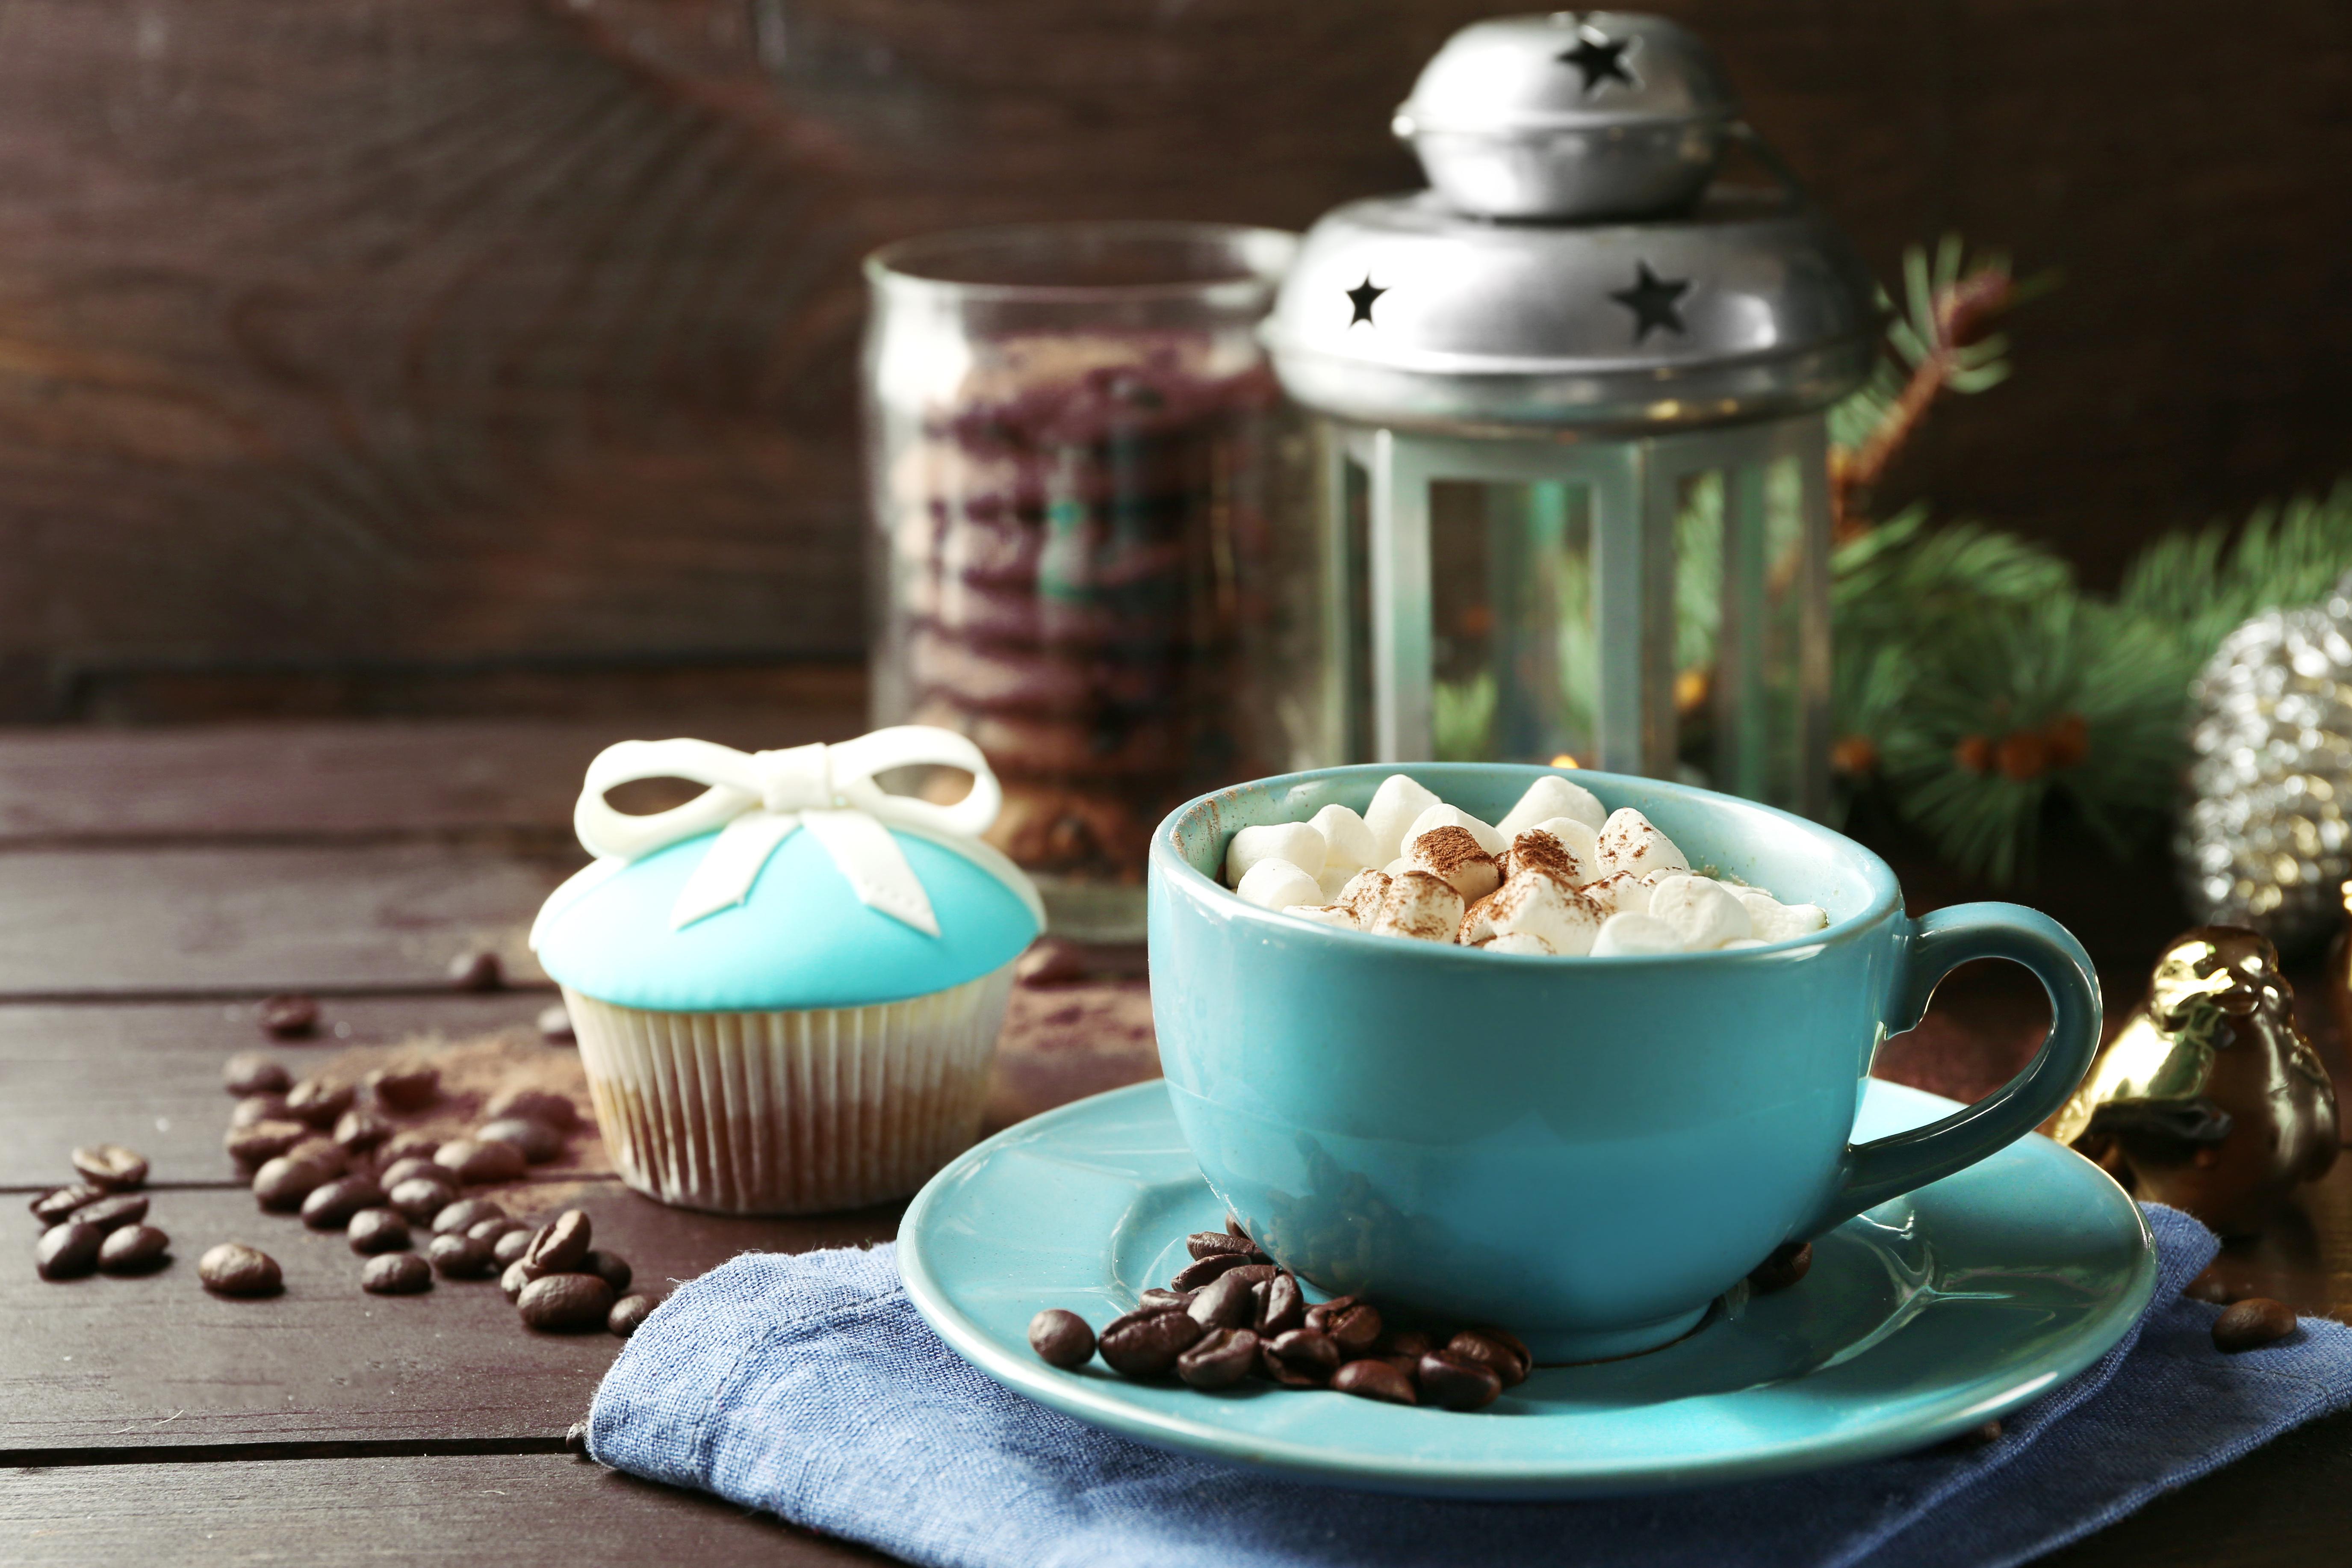 сигнализации картинки кофе в кружке и печеньки будет выполнять